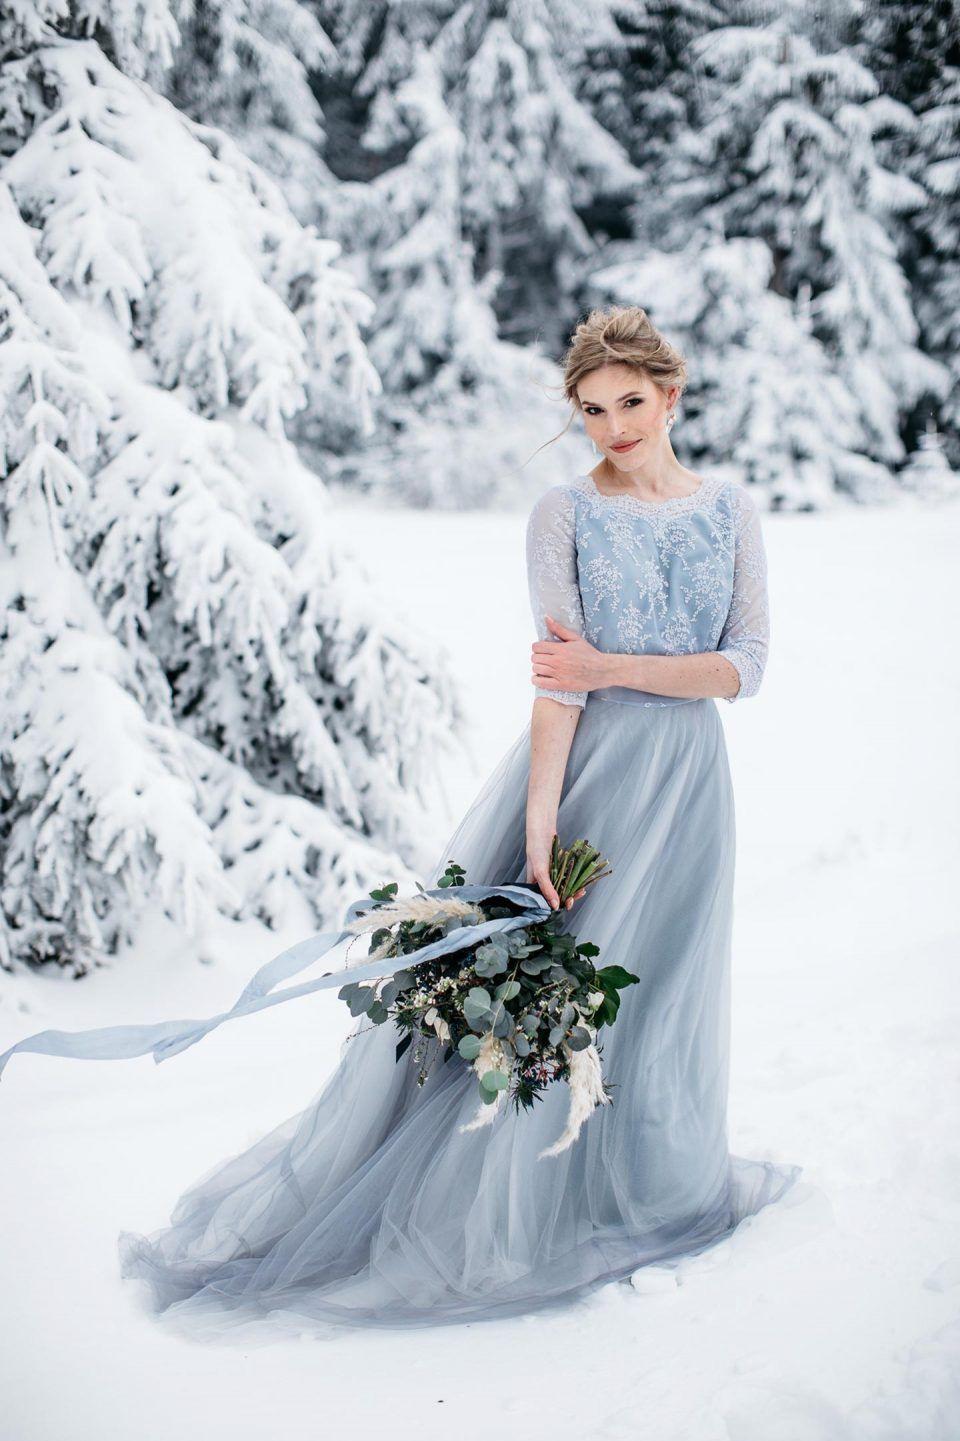 Graublaue Winterhochzeitsidee Im Wald  Winter Hochzeit